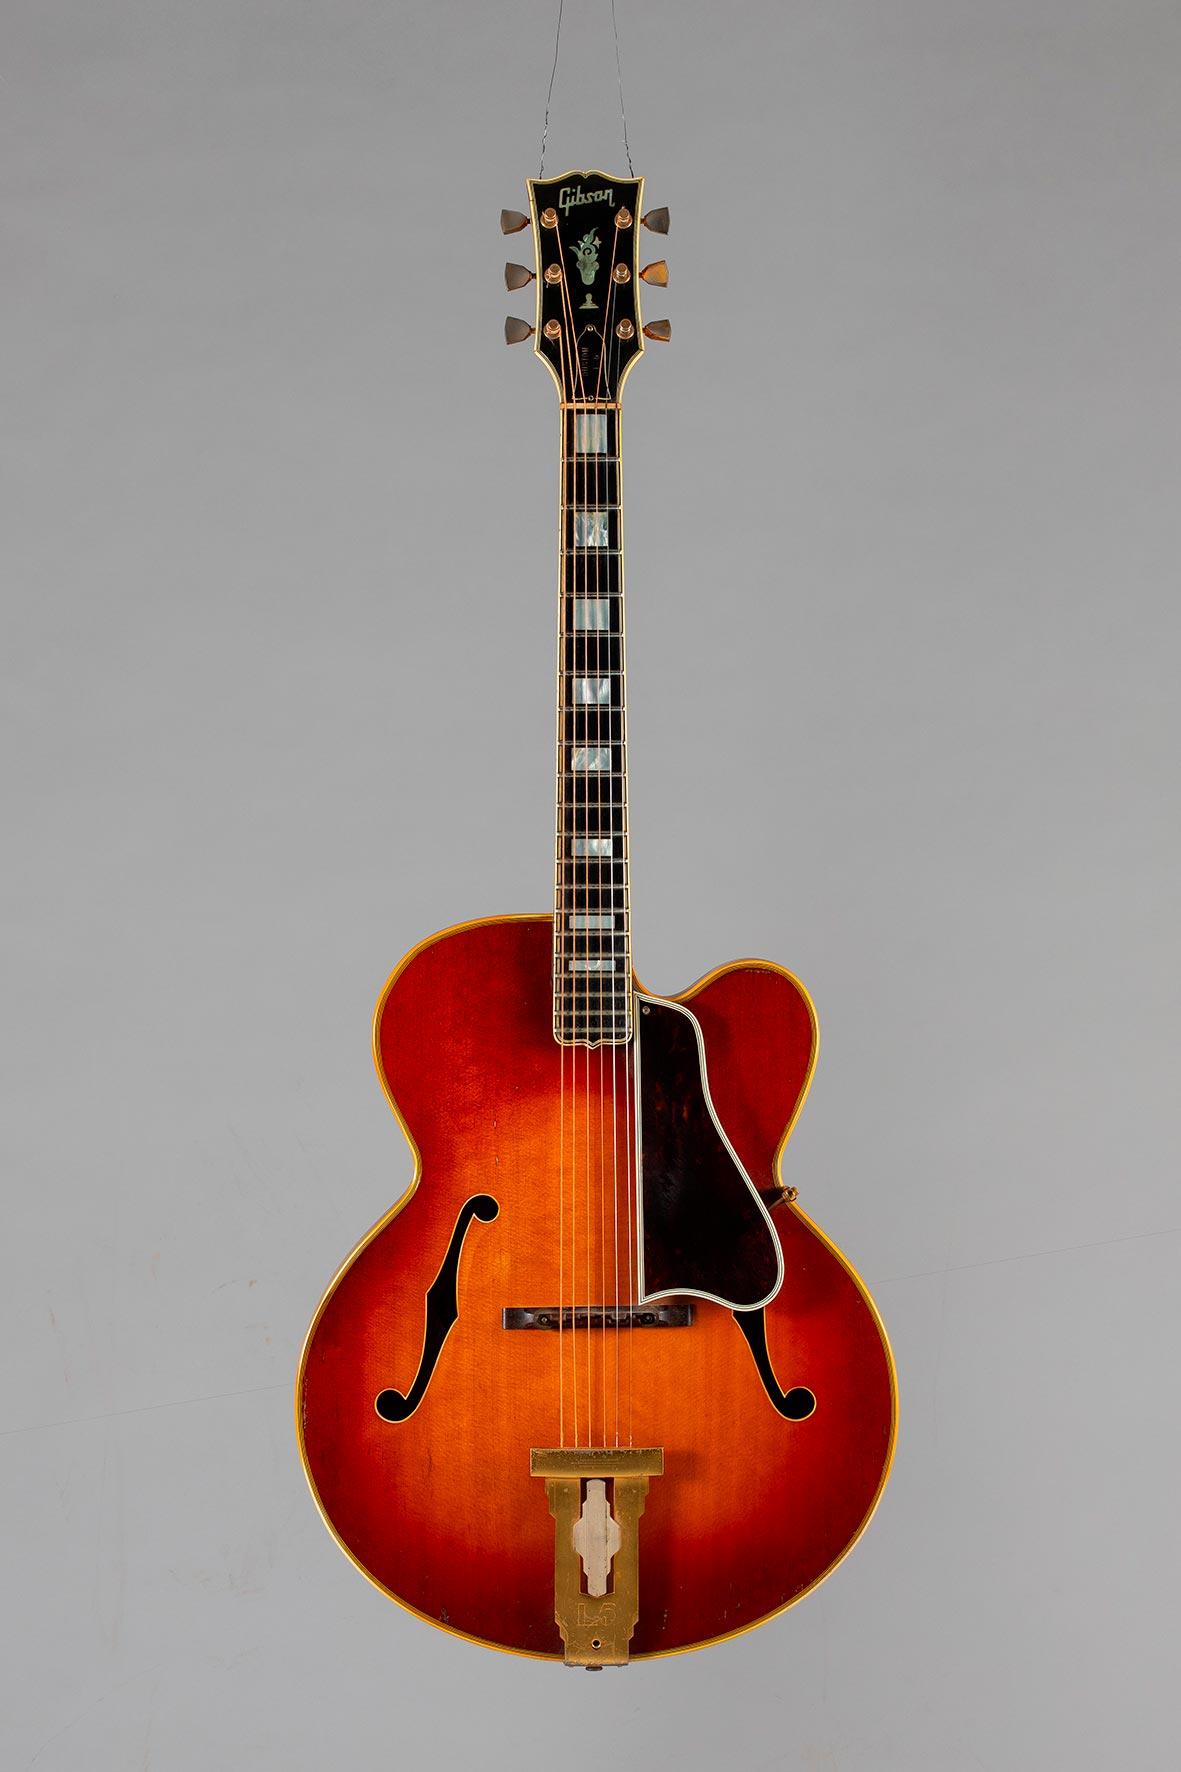 Guitare archtop de marque GIBSON